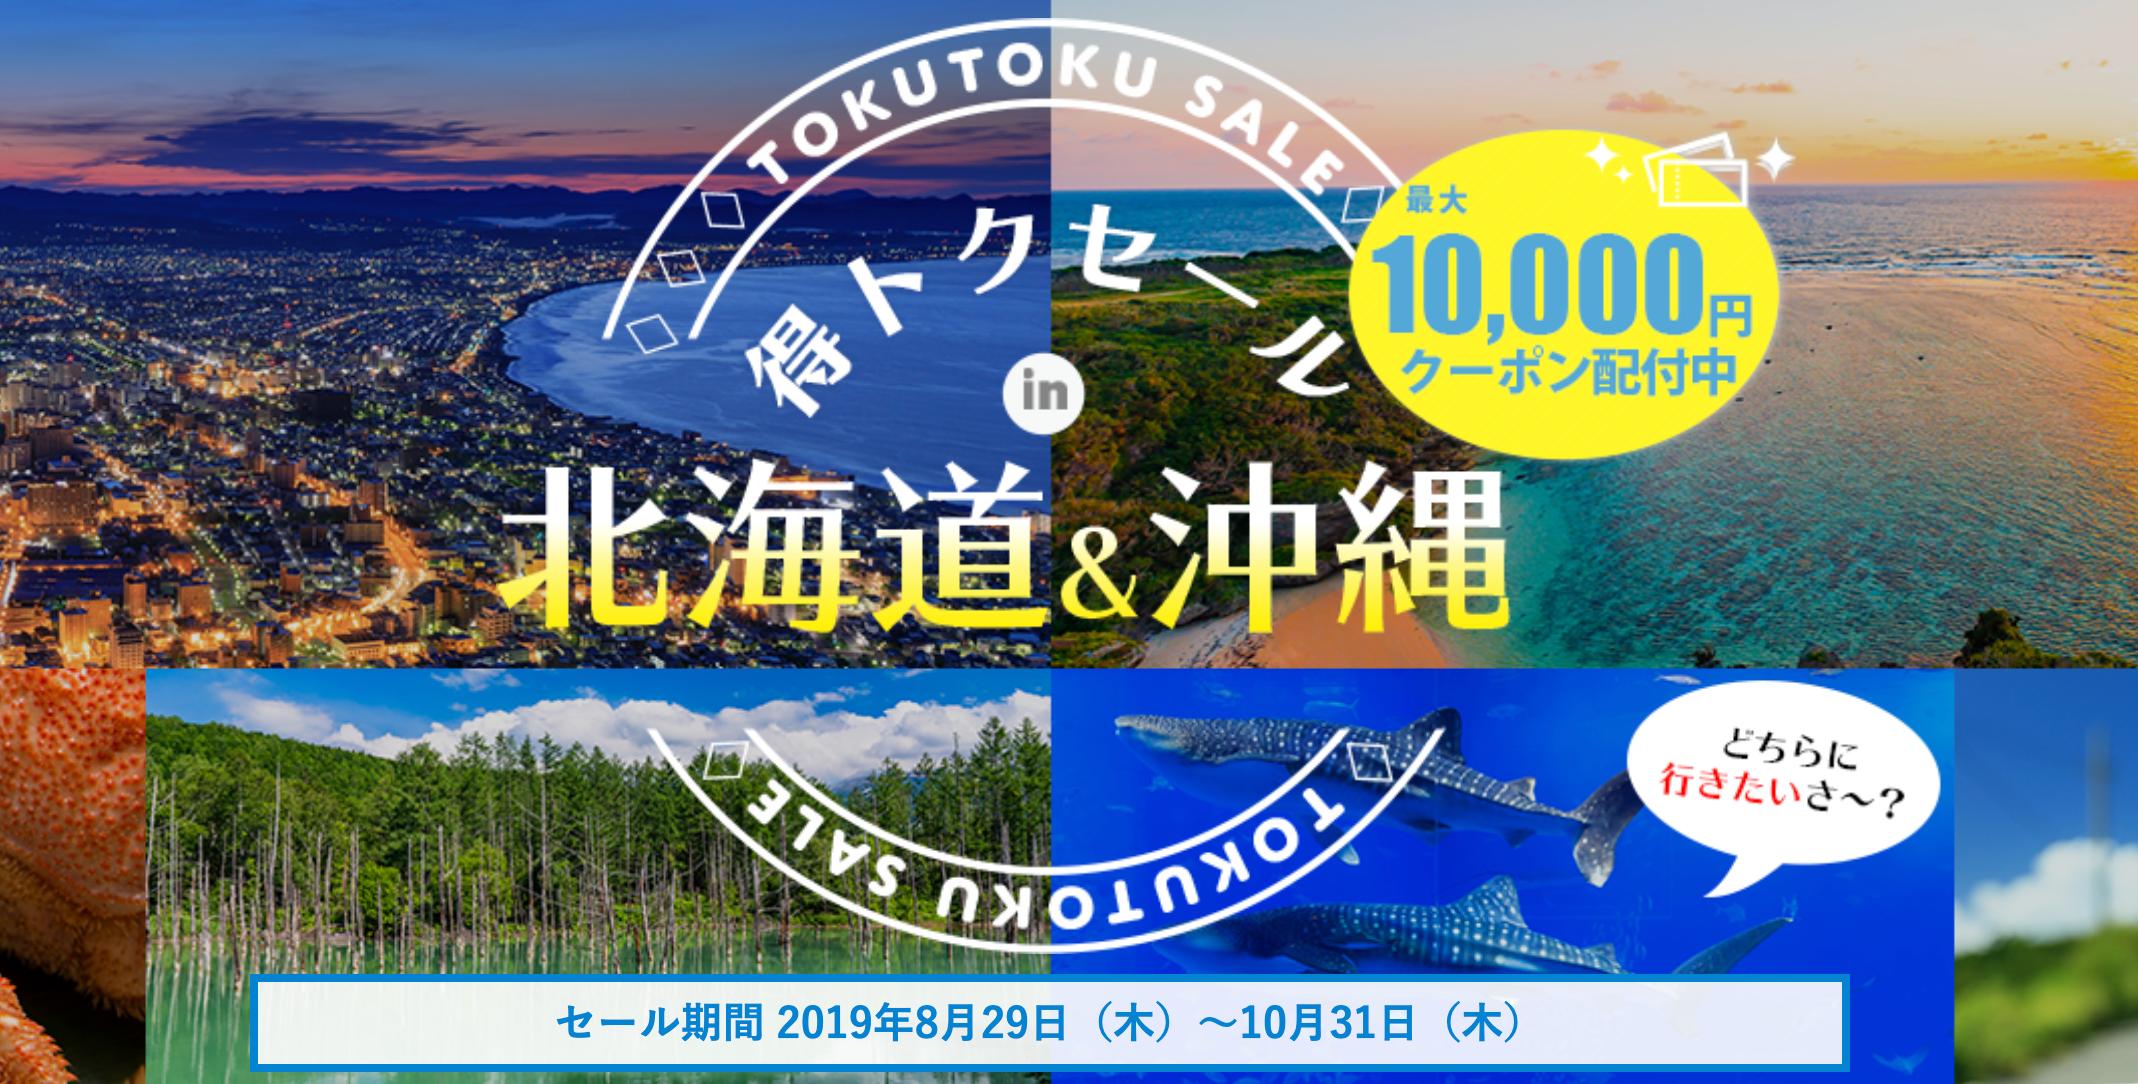 マイナビトラベルの国内ホテル・宿予最大10,000円割引クーポン